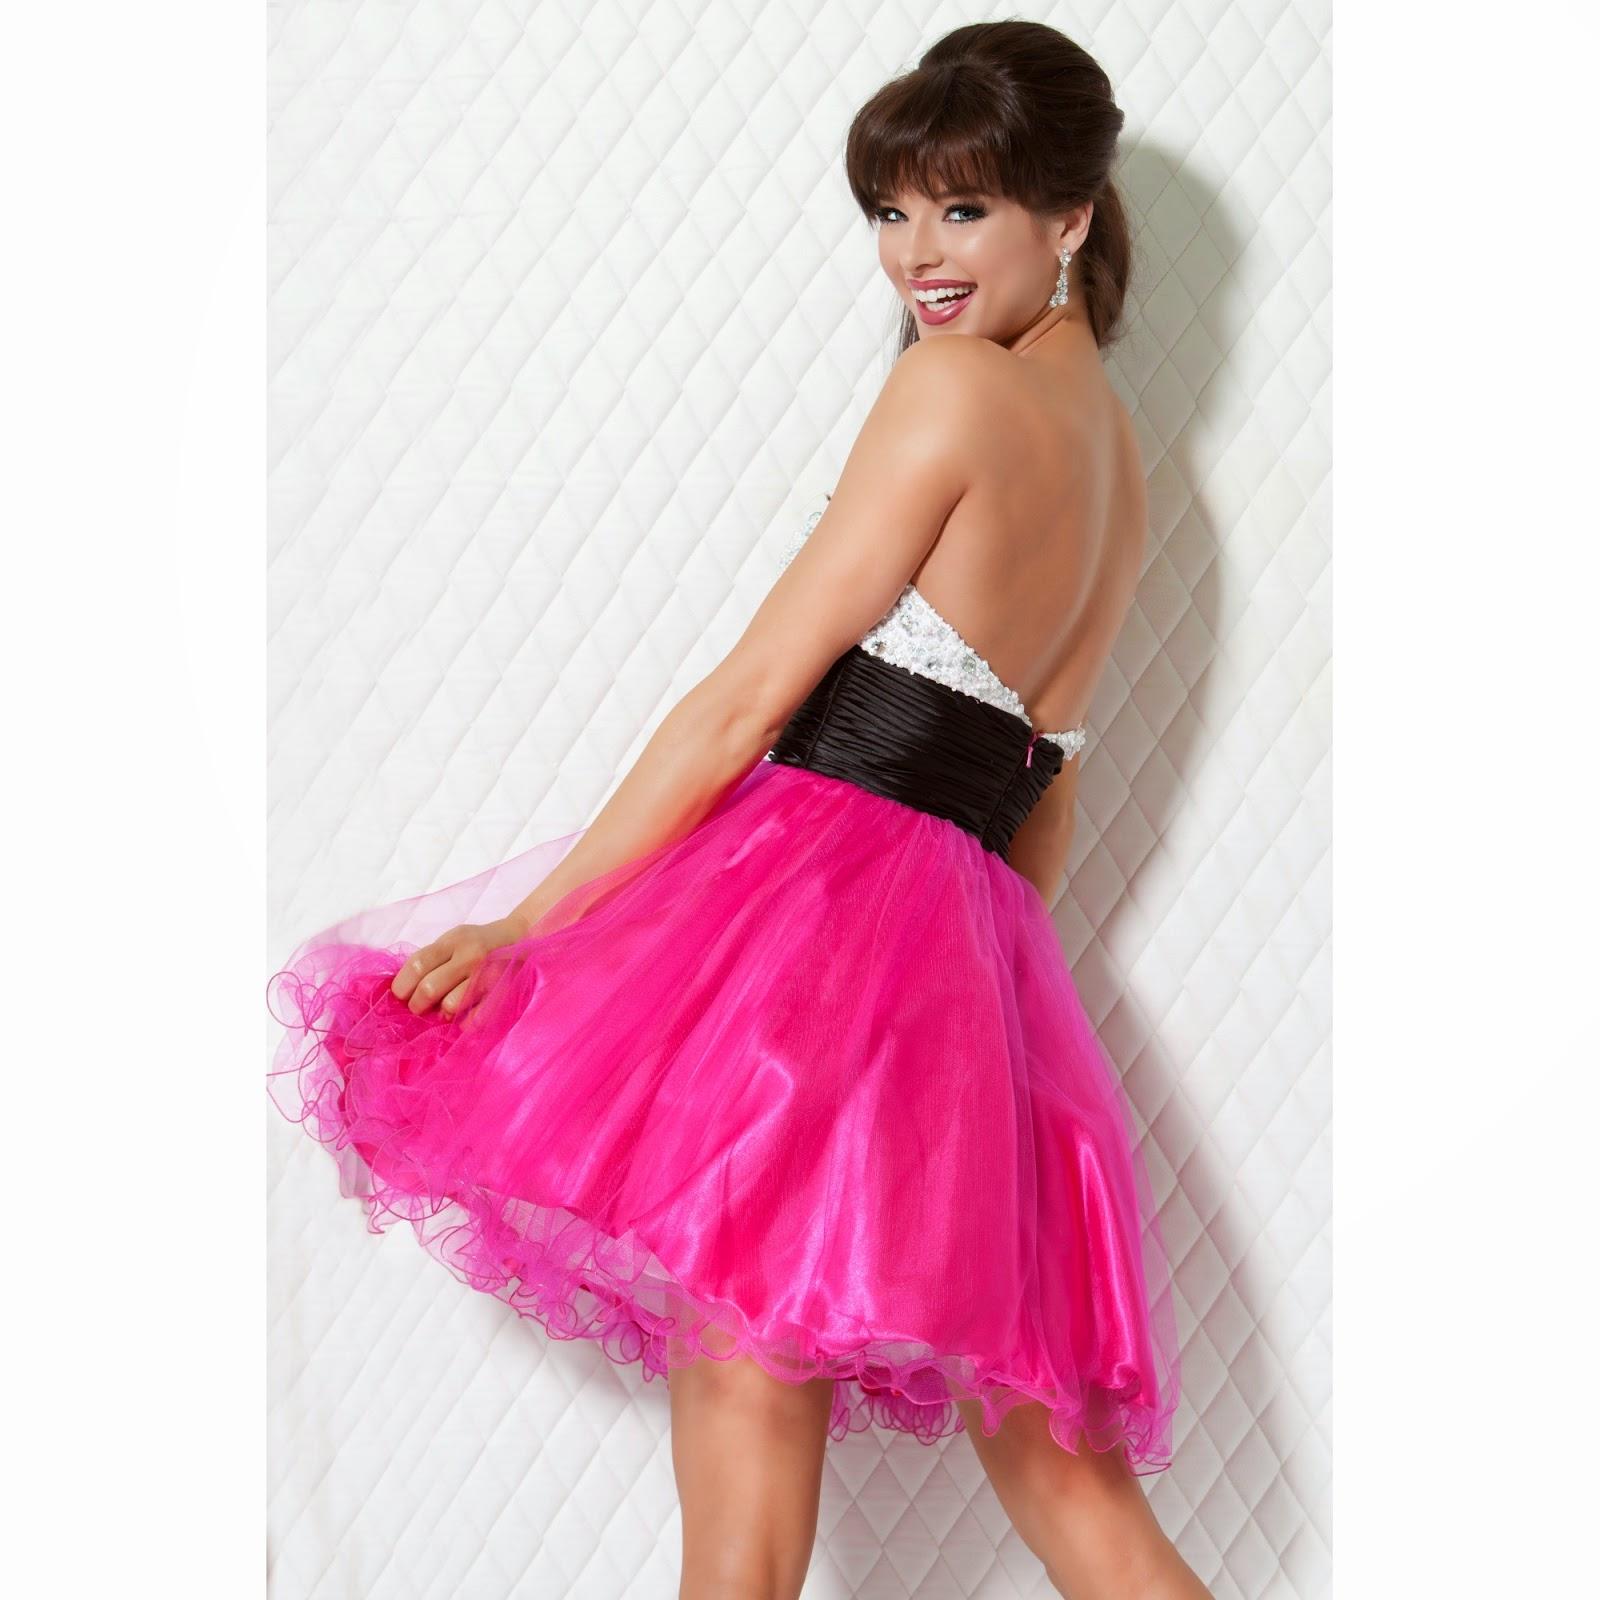 Increíble Vestidos De Fiesta Con La Espalda Y Los Lados Abiertos ...